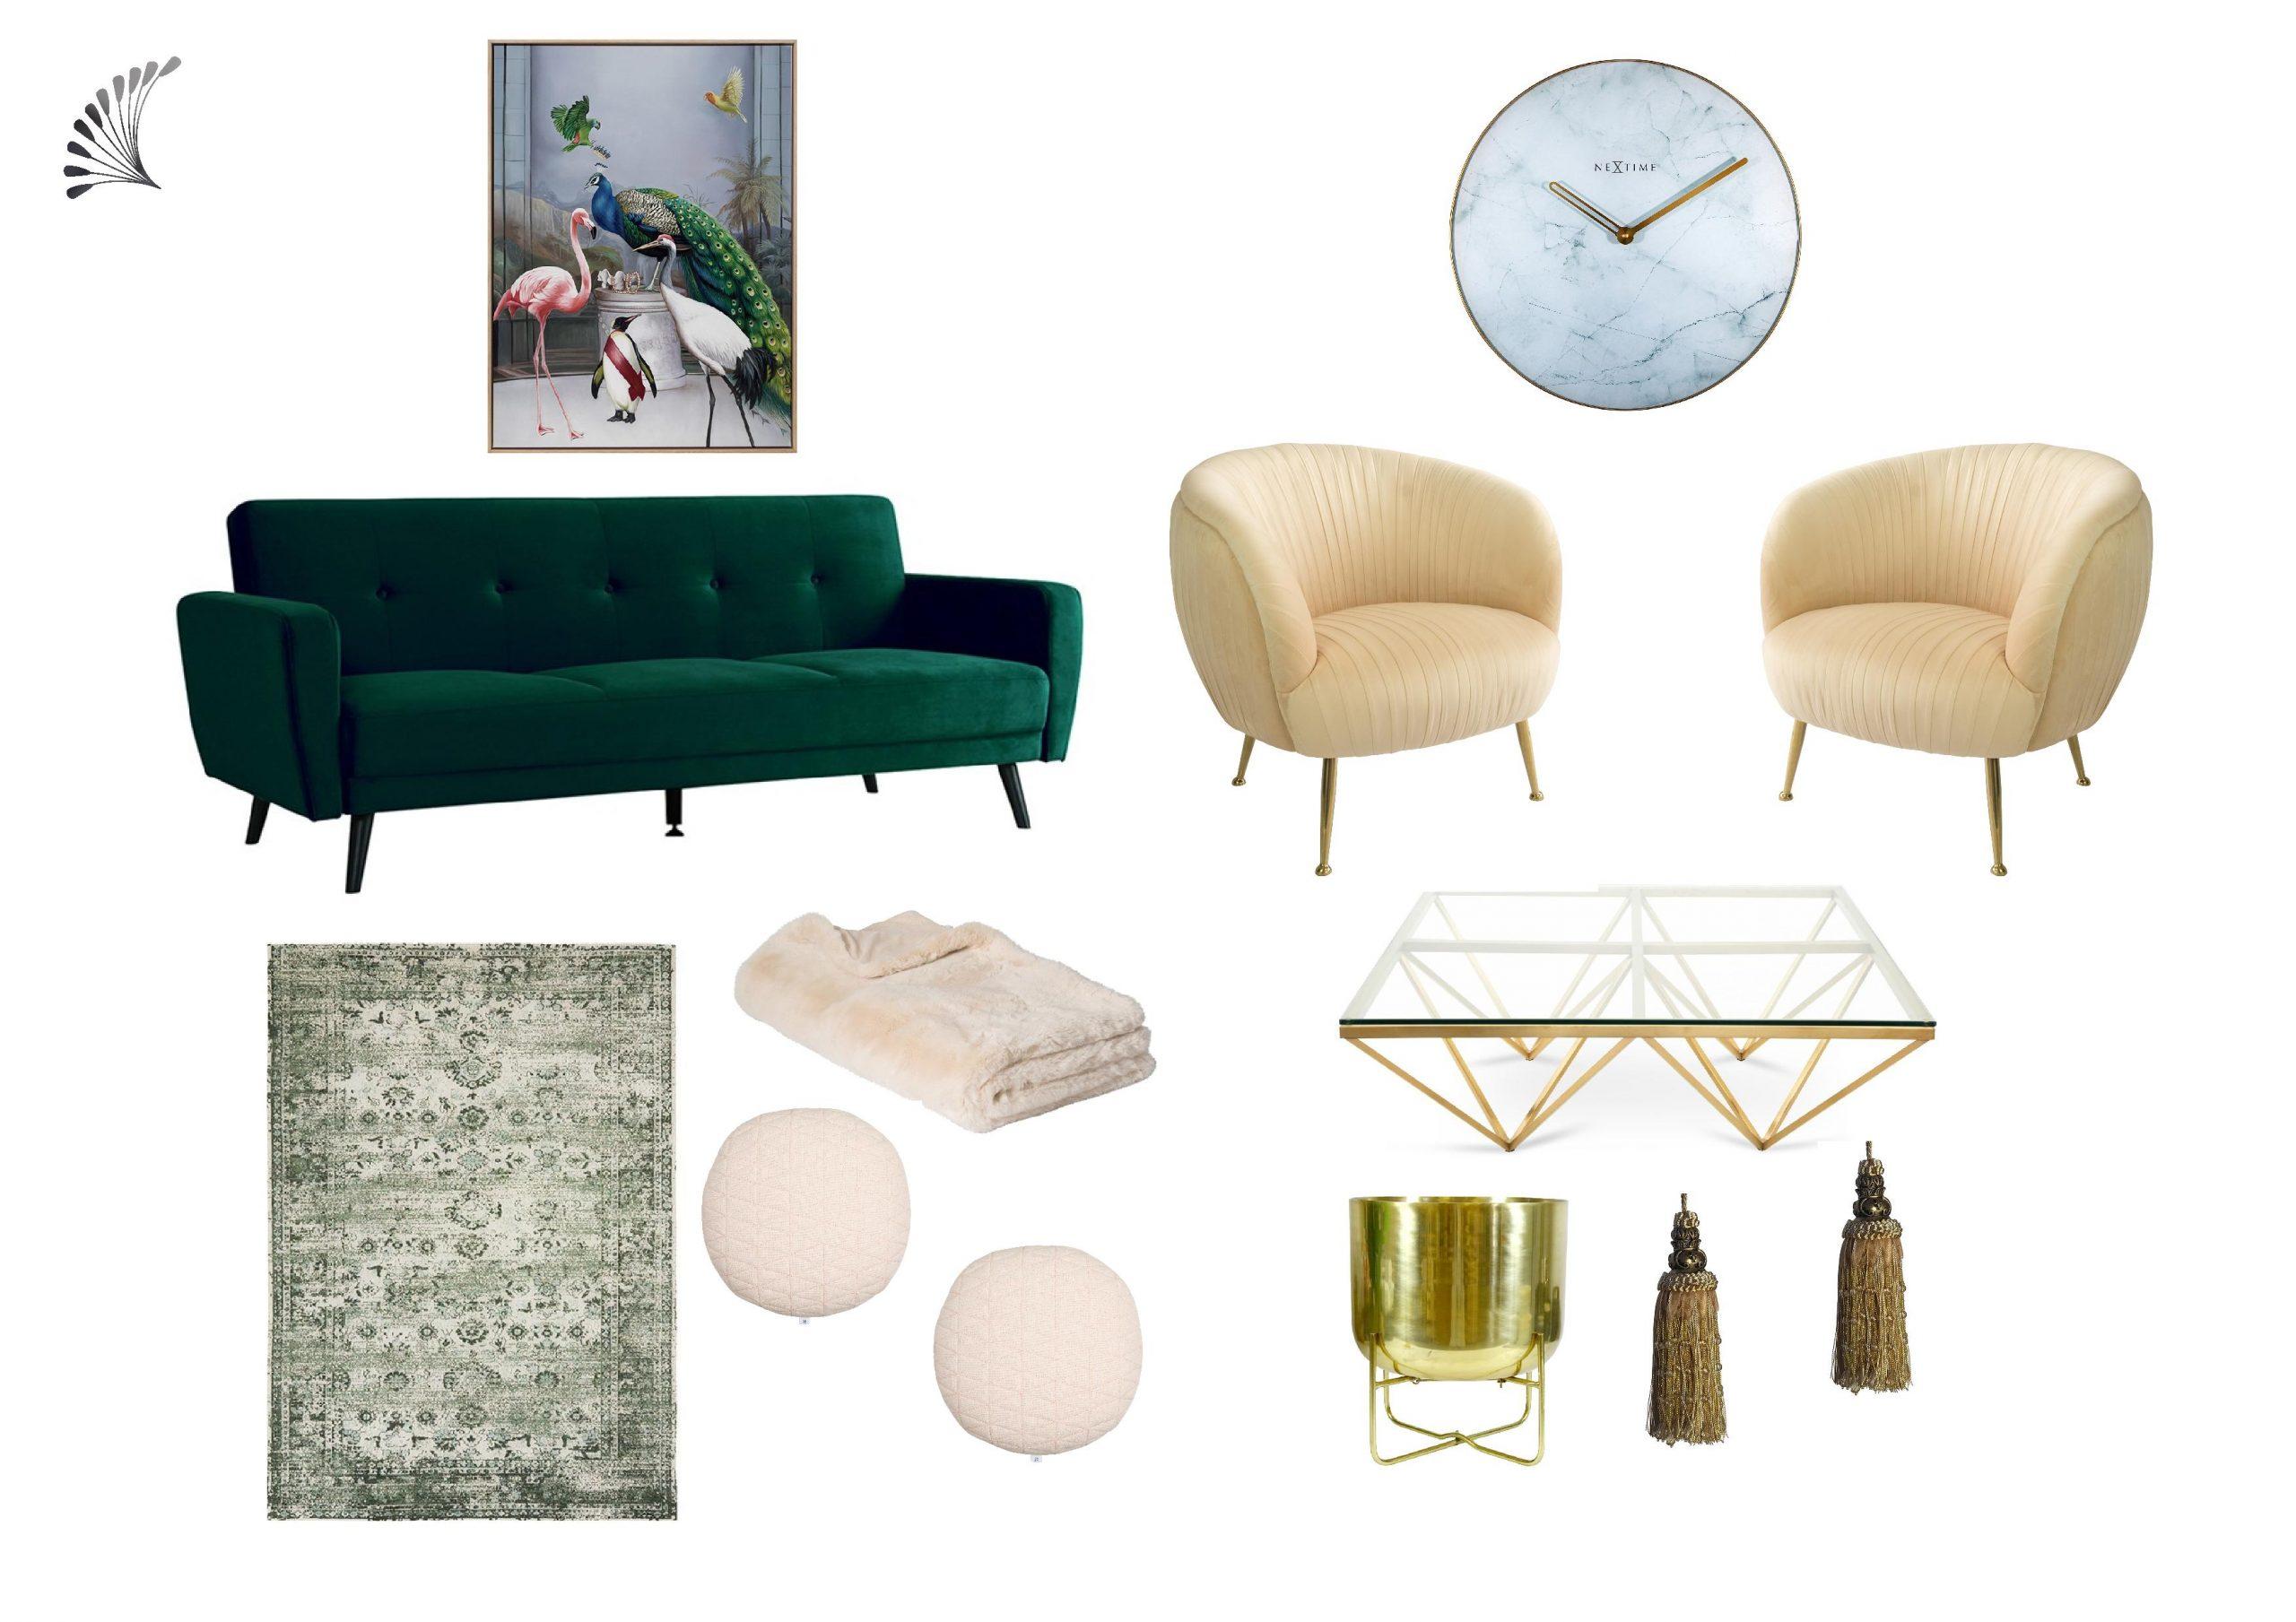 Luxe Living with Lush Green Velvet Sofa